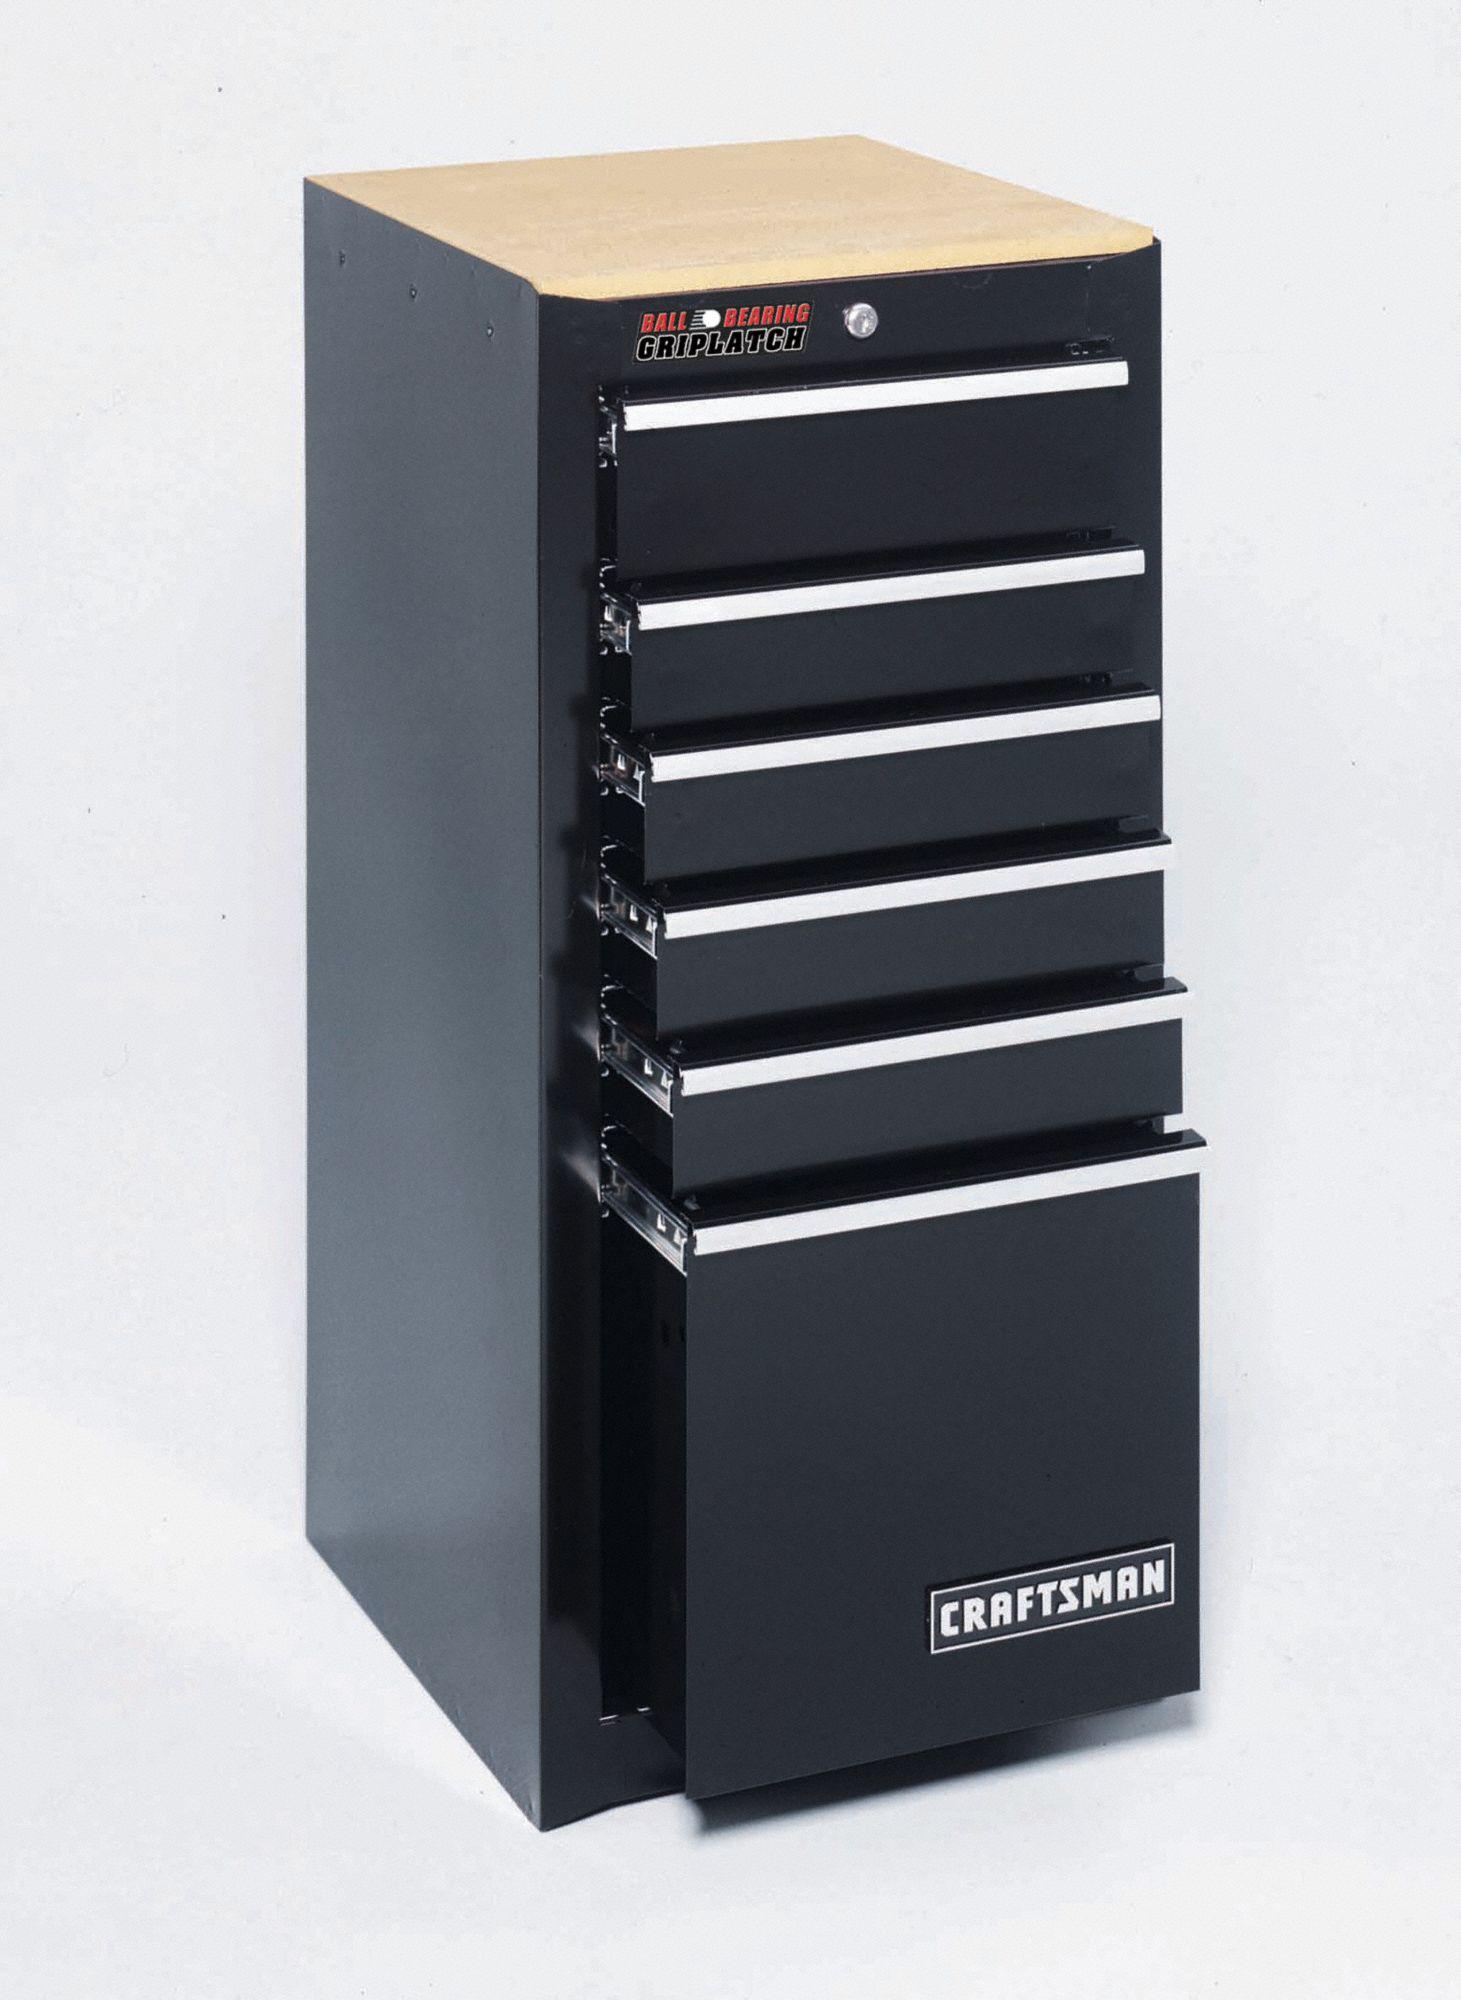 Craftsman Black Side Cabinet 35 1 4 Quot H X 15 3 4 Quot W X 18